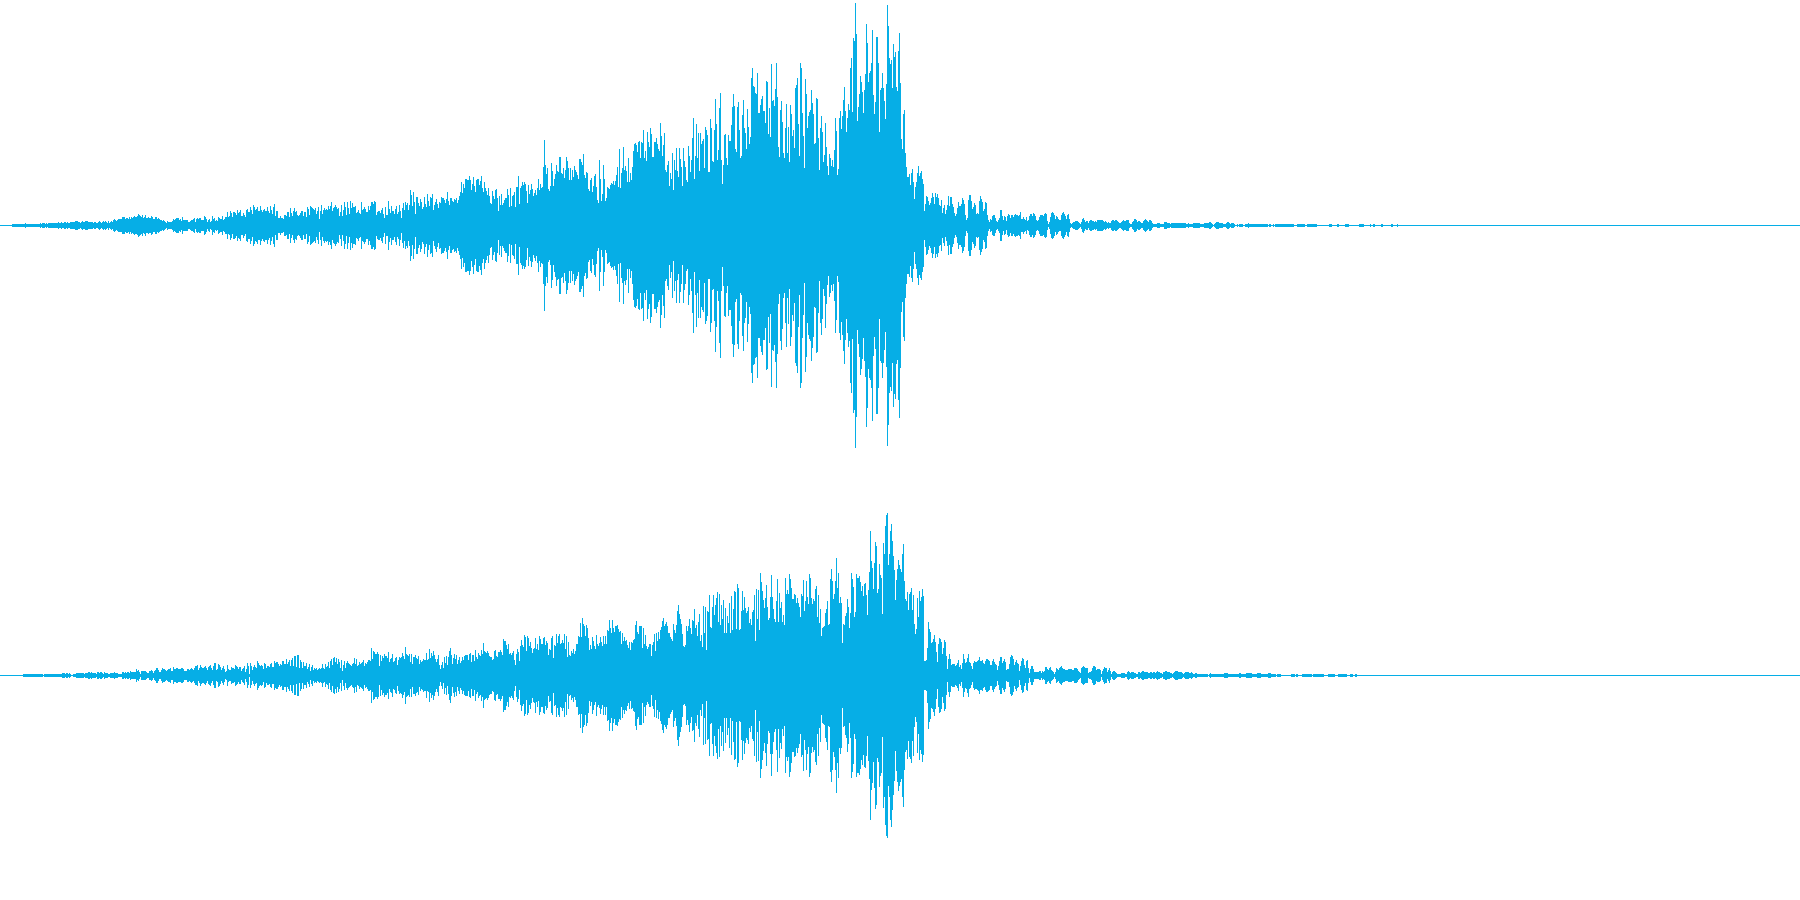 宇宙のミステリーが繰り広げられるイメージの再生済みの波形